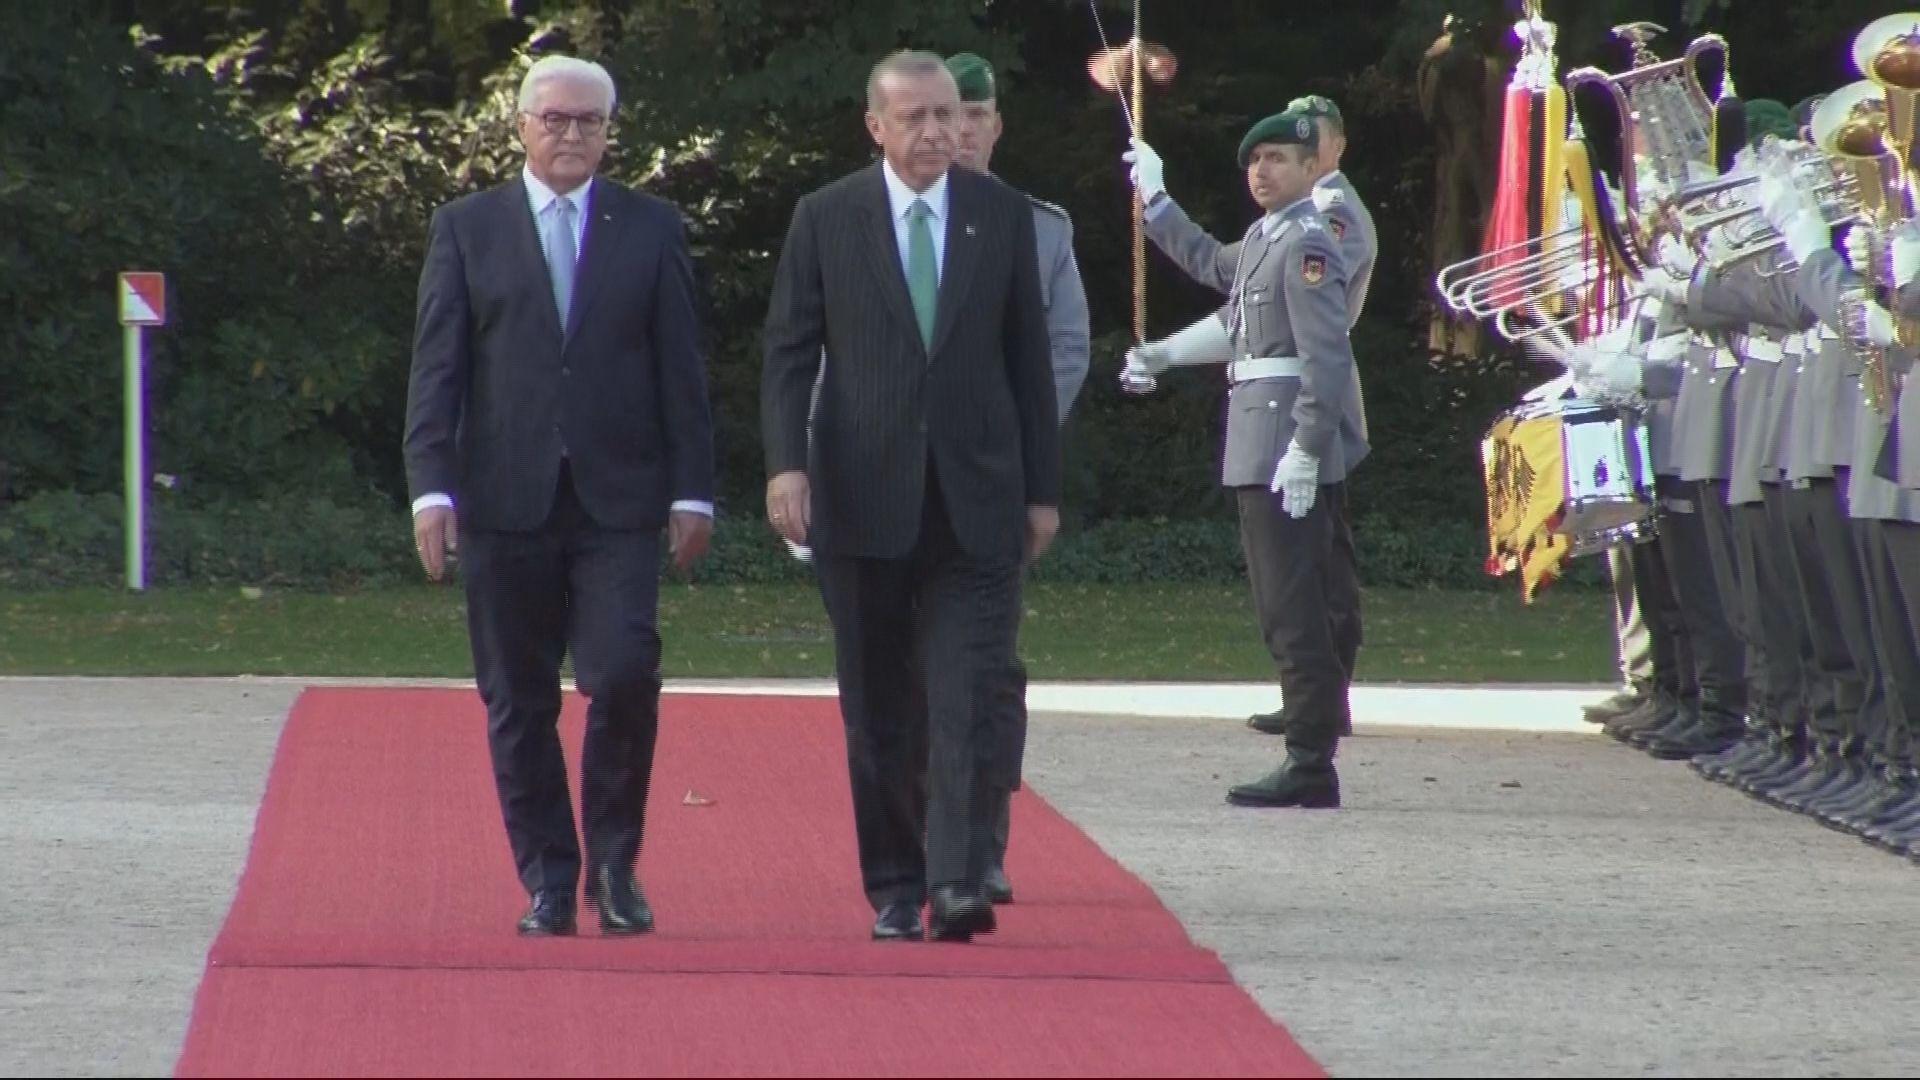 埃爾多安訪問德國 將與默克爾會面